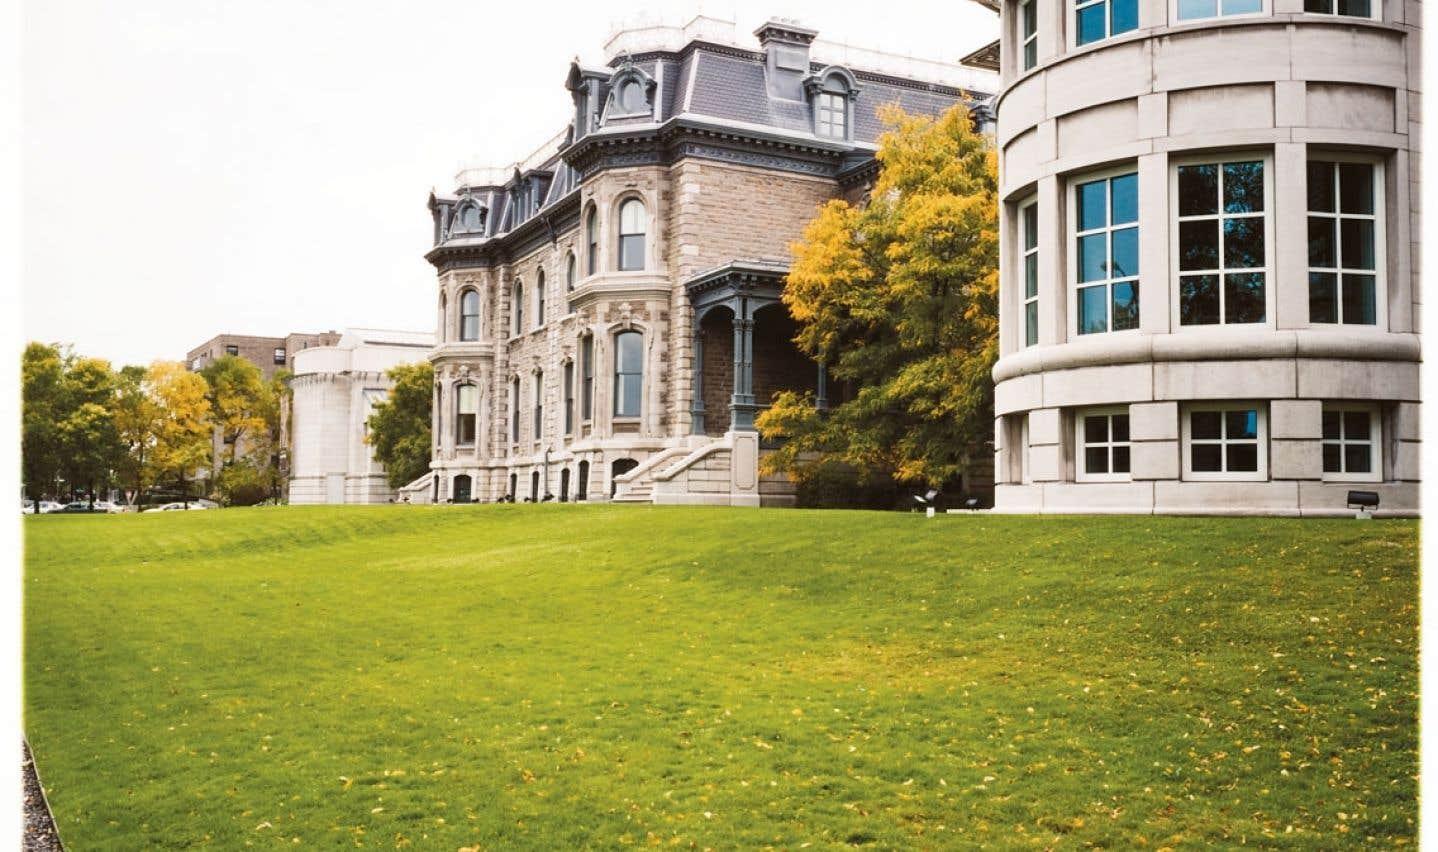 Vue de la façade sud, montrant le Théâtre Paul-Desmarais, la maison Shaughnessy et l'aile des chercheurs.